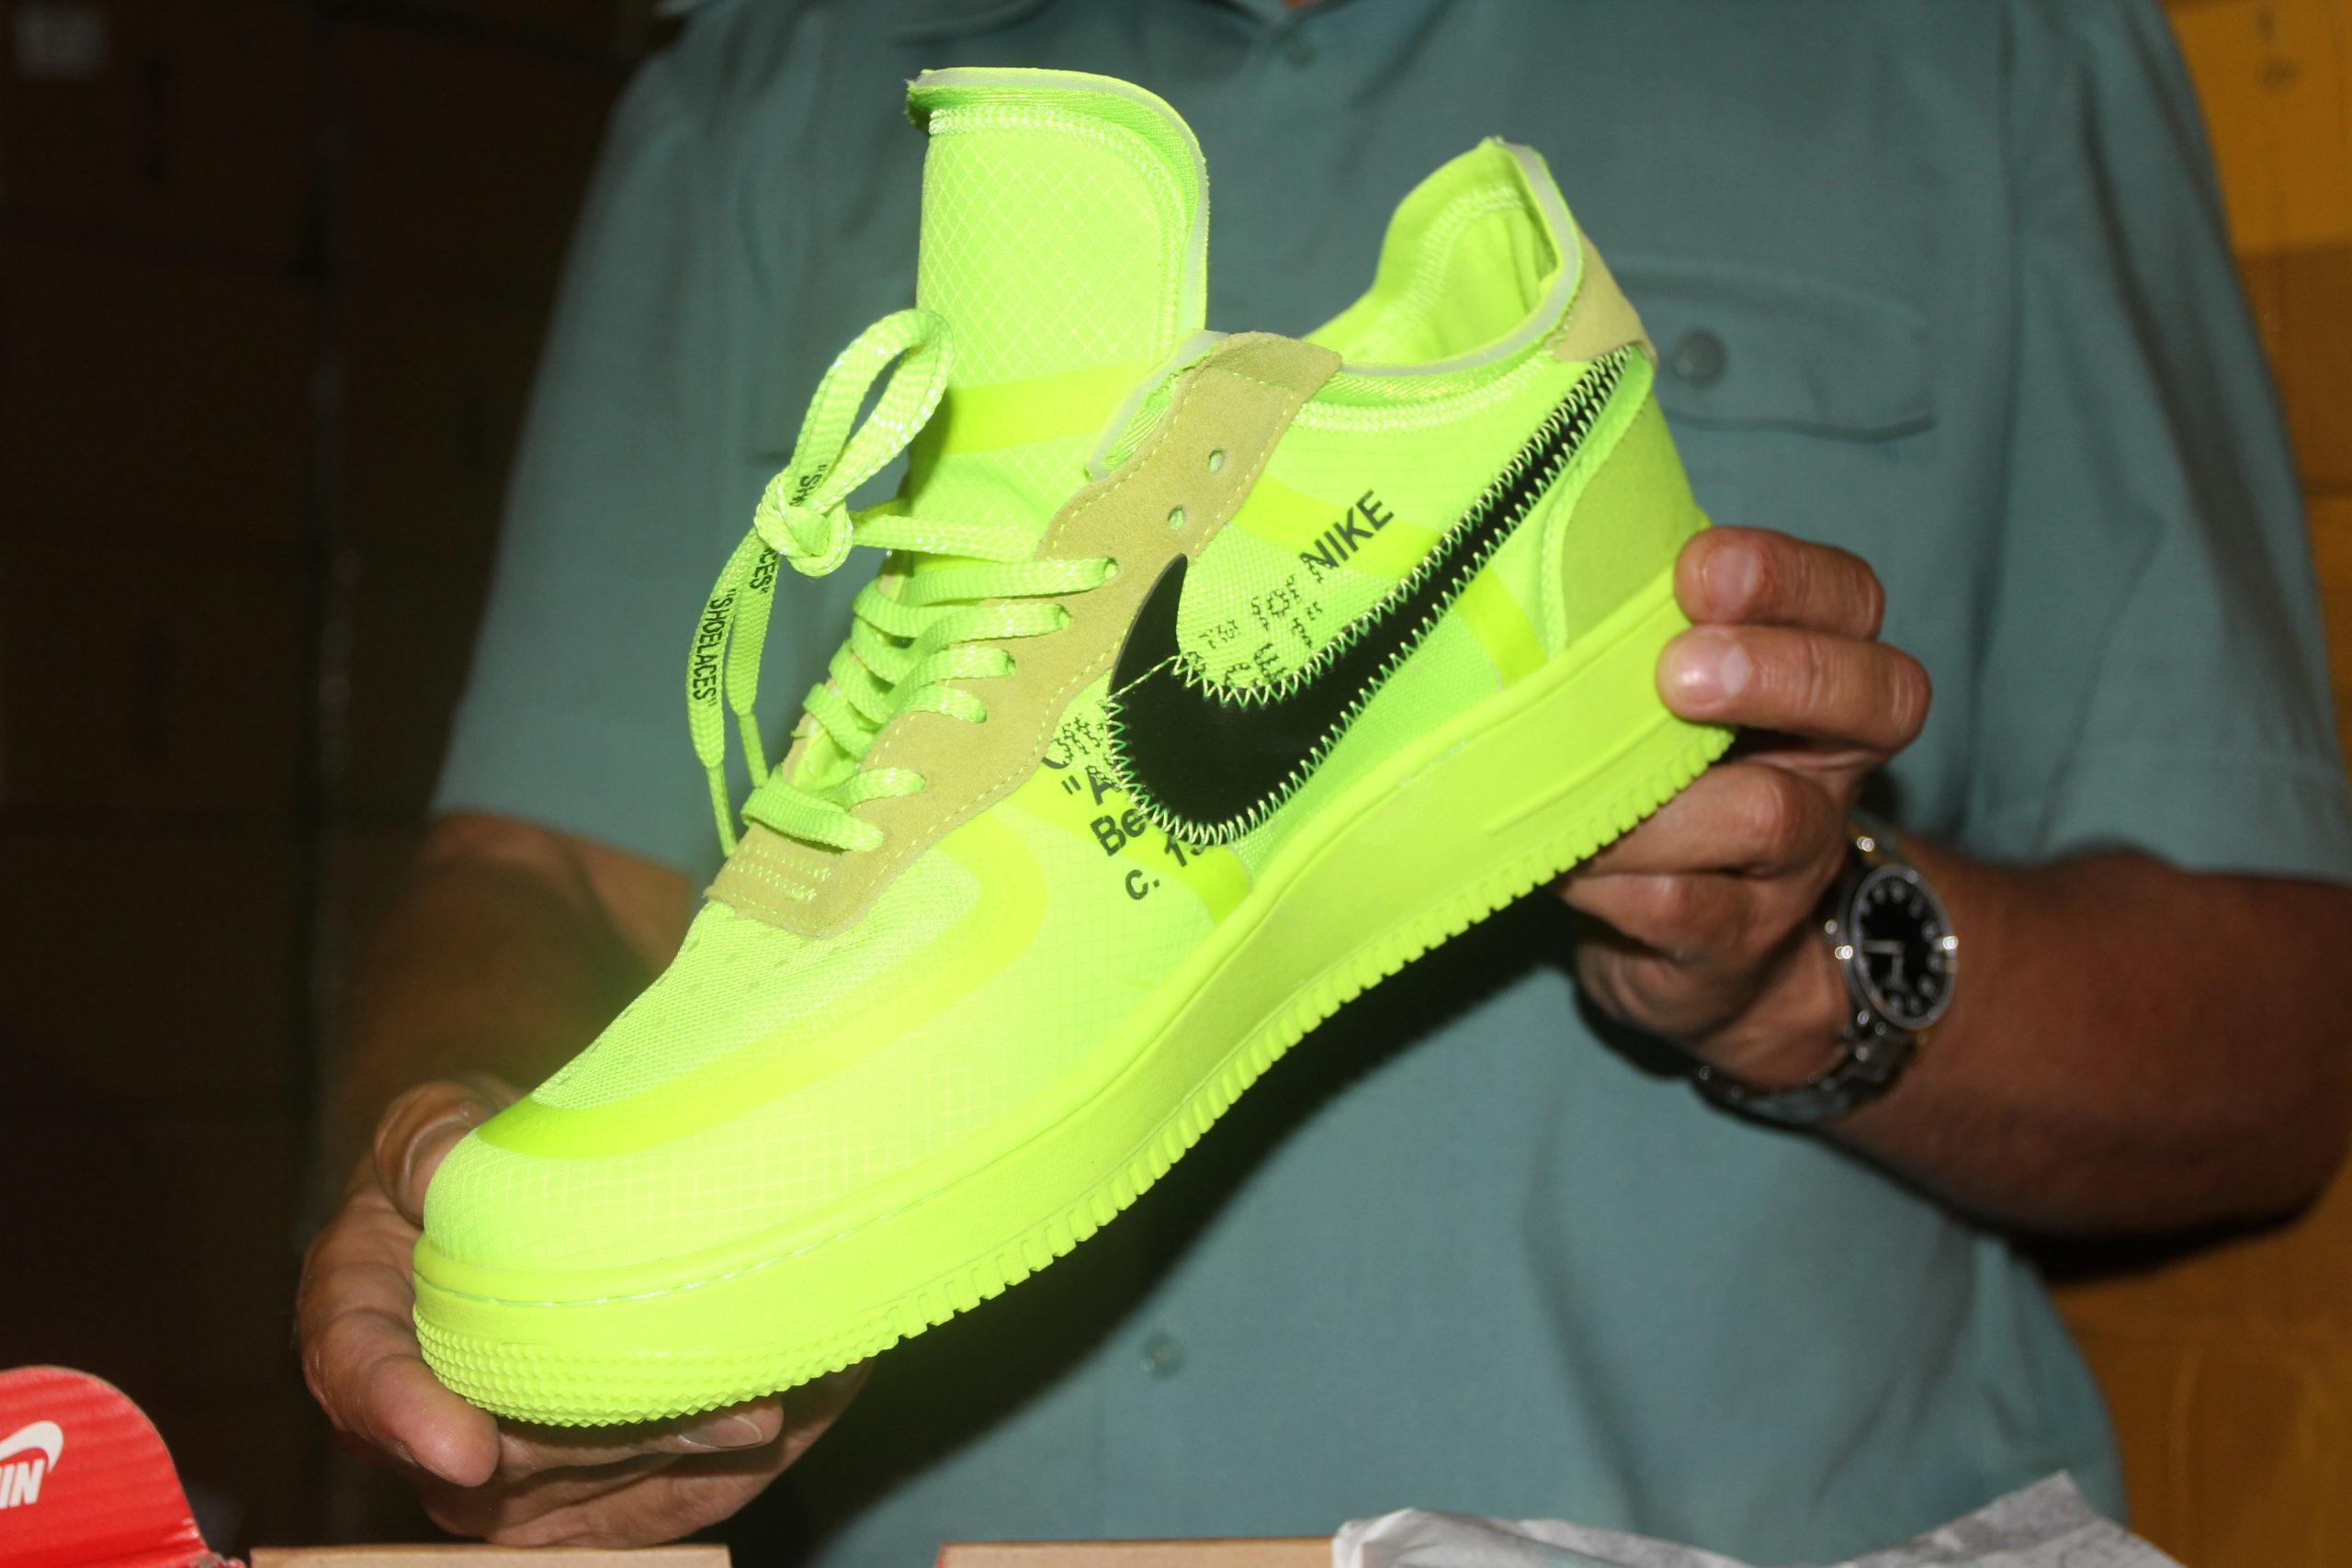 В Самарской области задержана фура с поддельной обувью «Adidas» и «Nike»